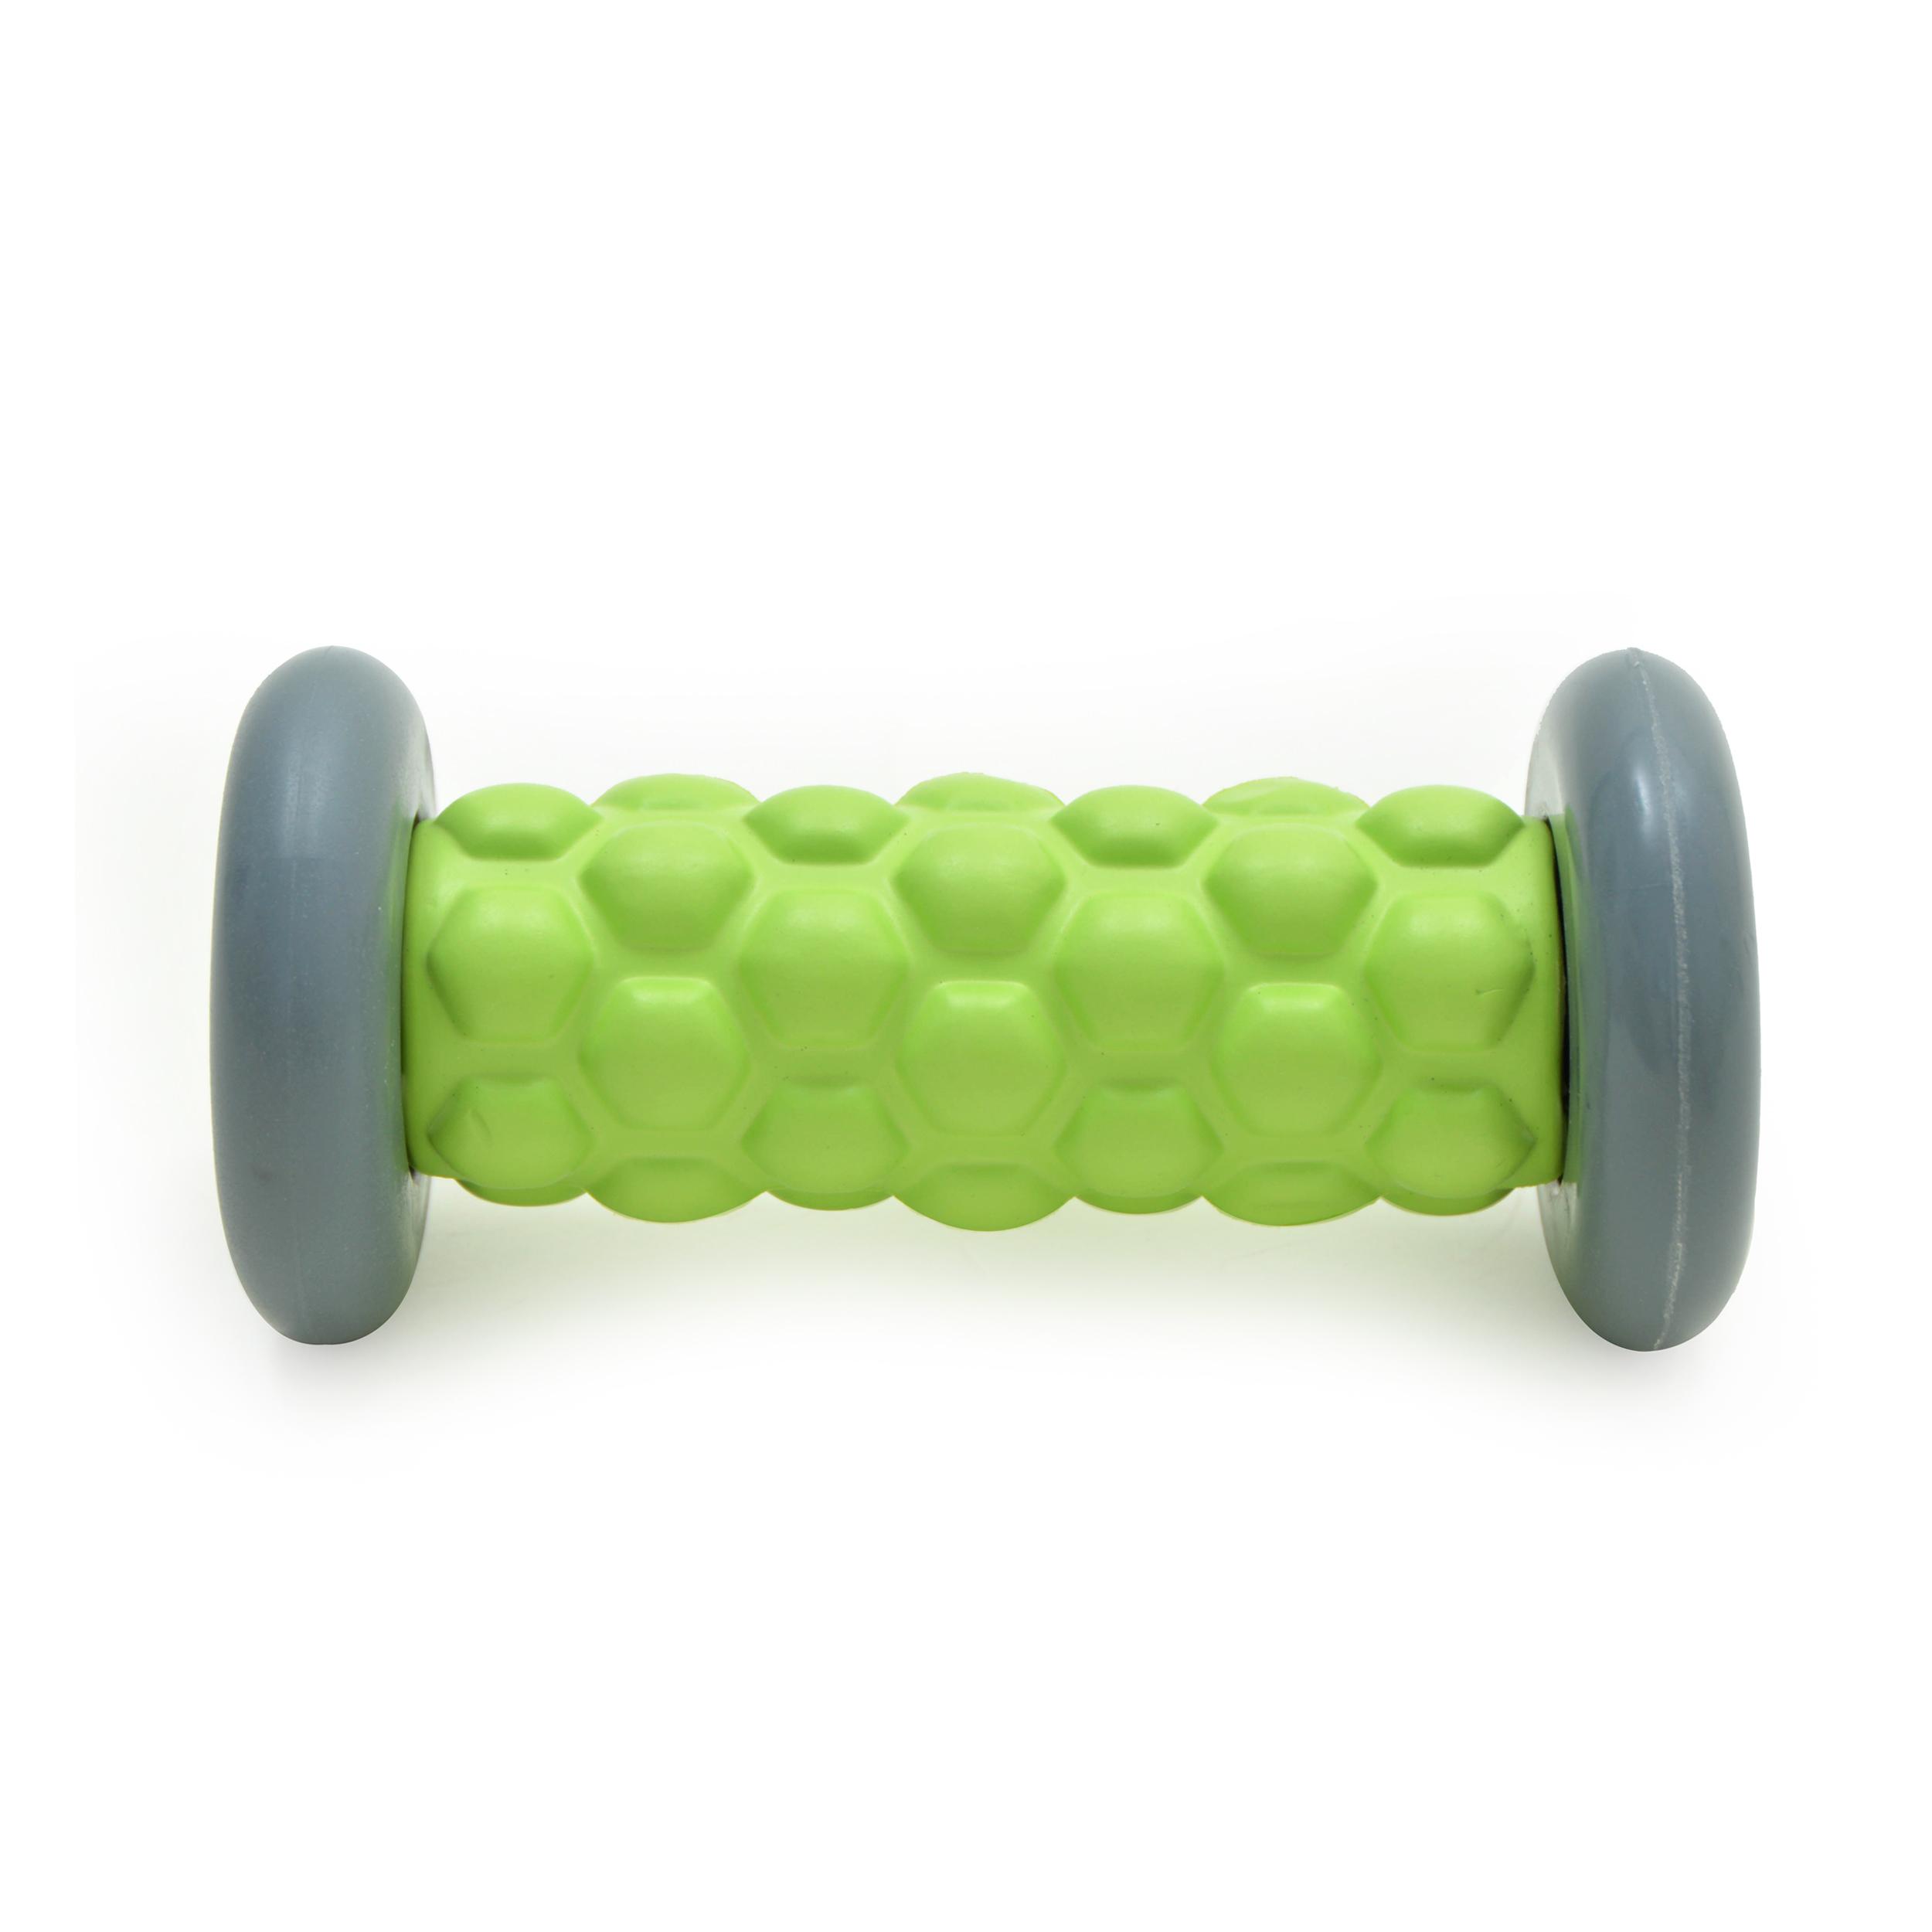 Zen Power Massage Fuß-Roller, kleine Faszien-Rolle 16x7,5 cm,grün/grau